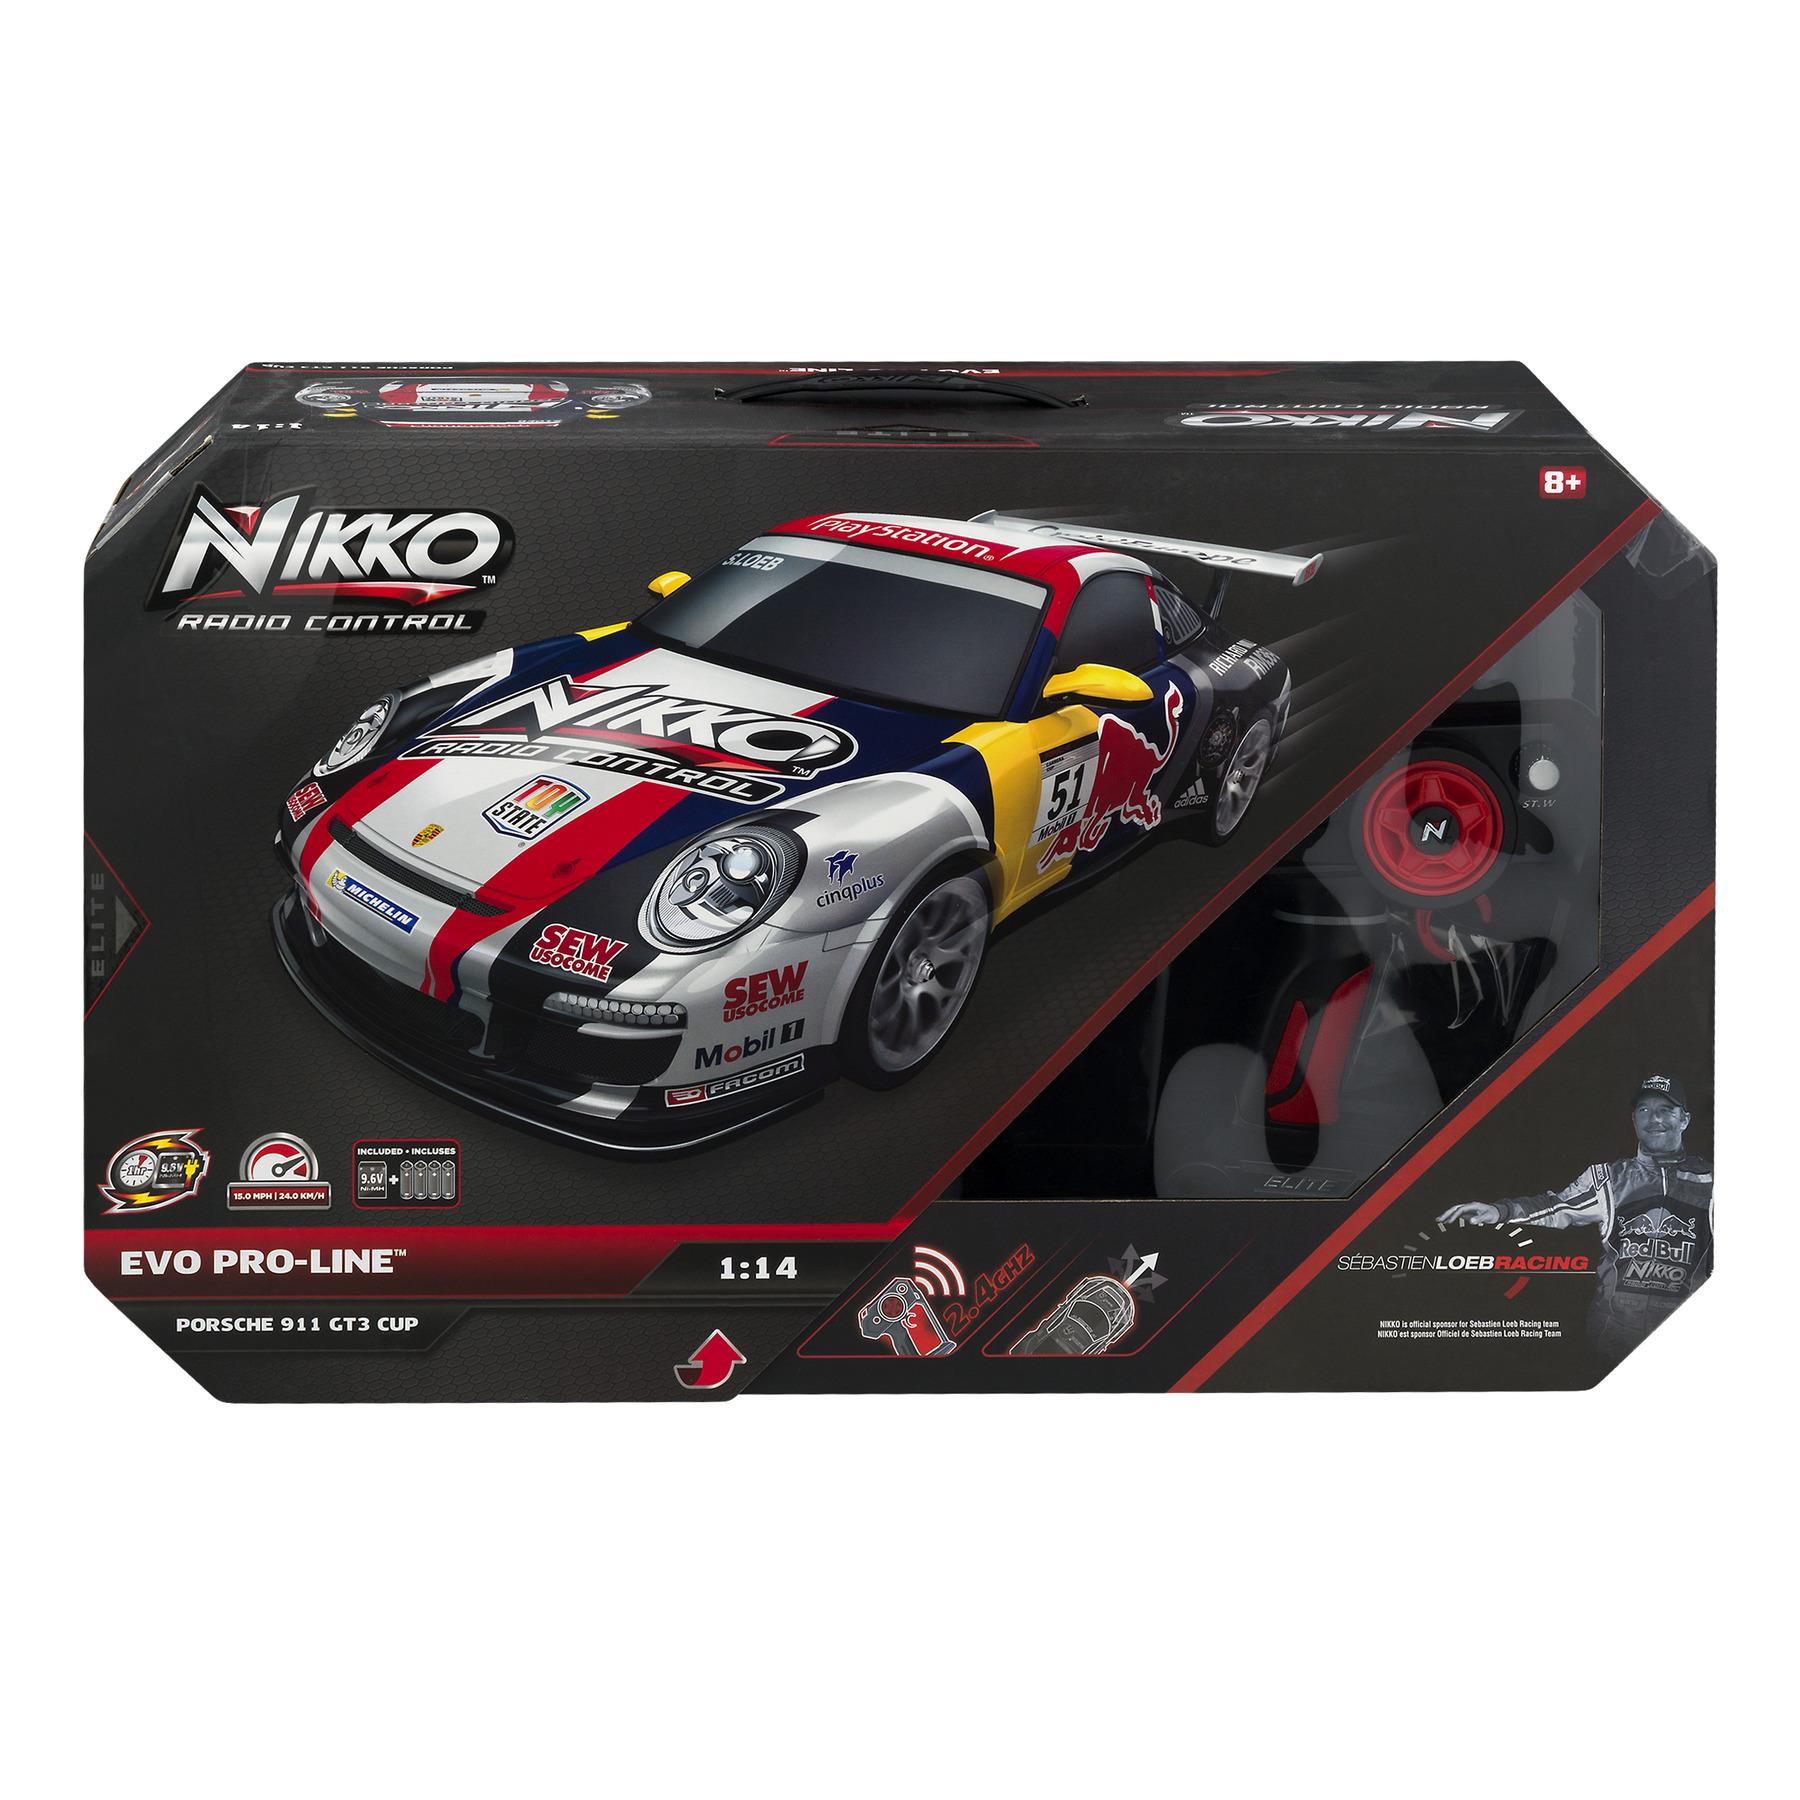 Nikko EVO Pro-Line Porsche 911 GT3 Cup R/C, 1.0 CT